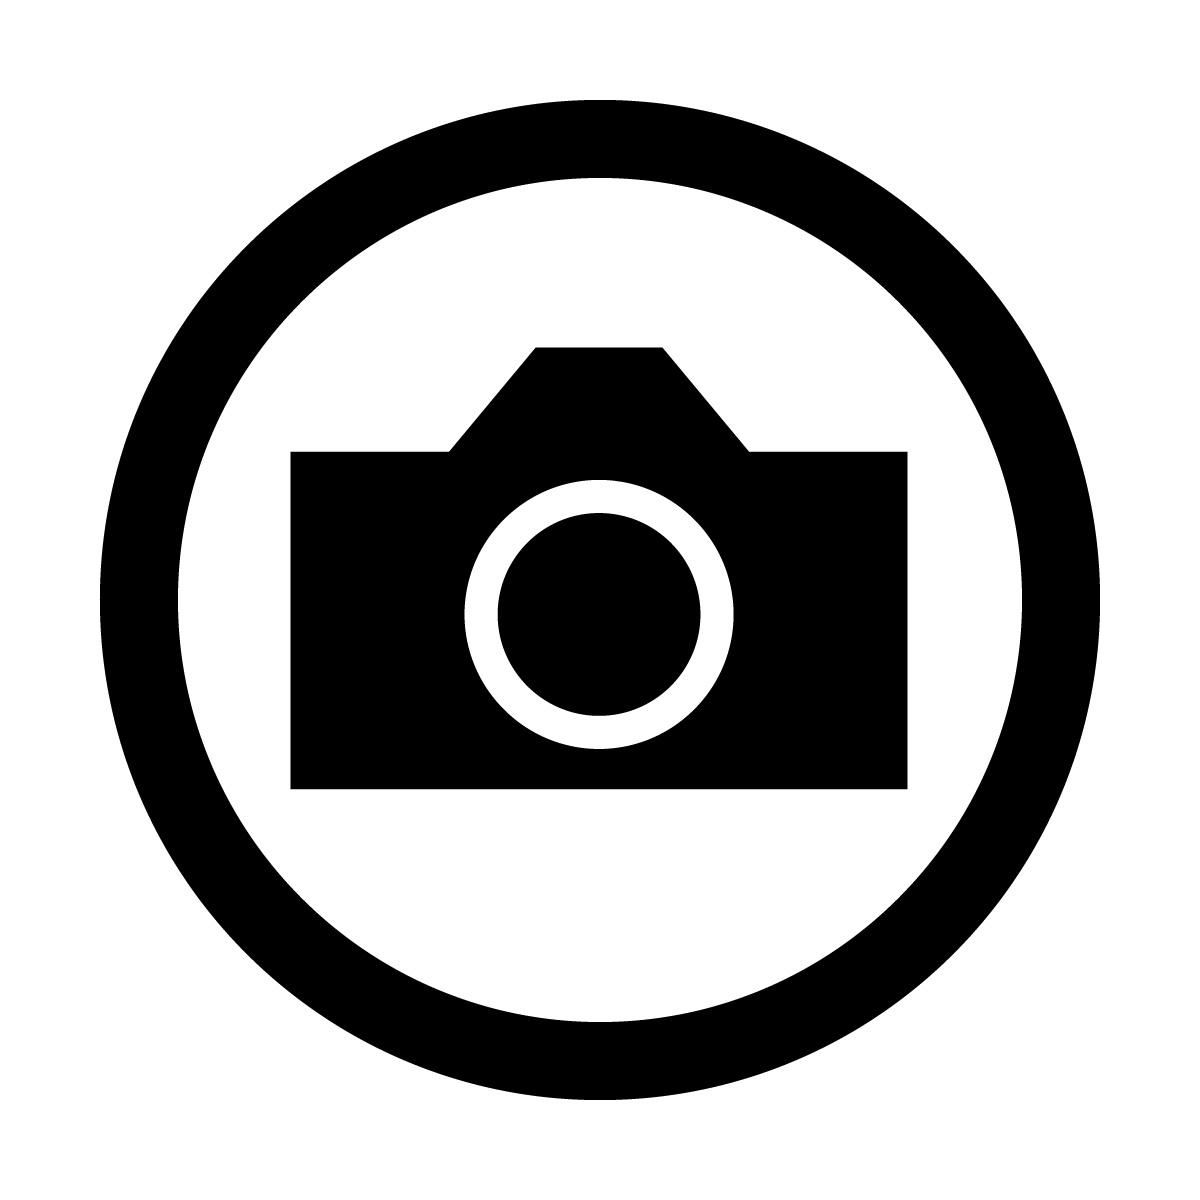 黒い撮影を許可するマークのカッティングステッカー